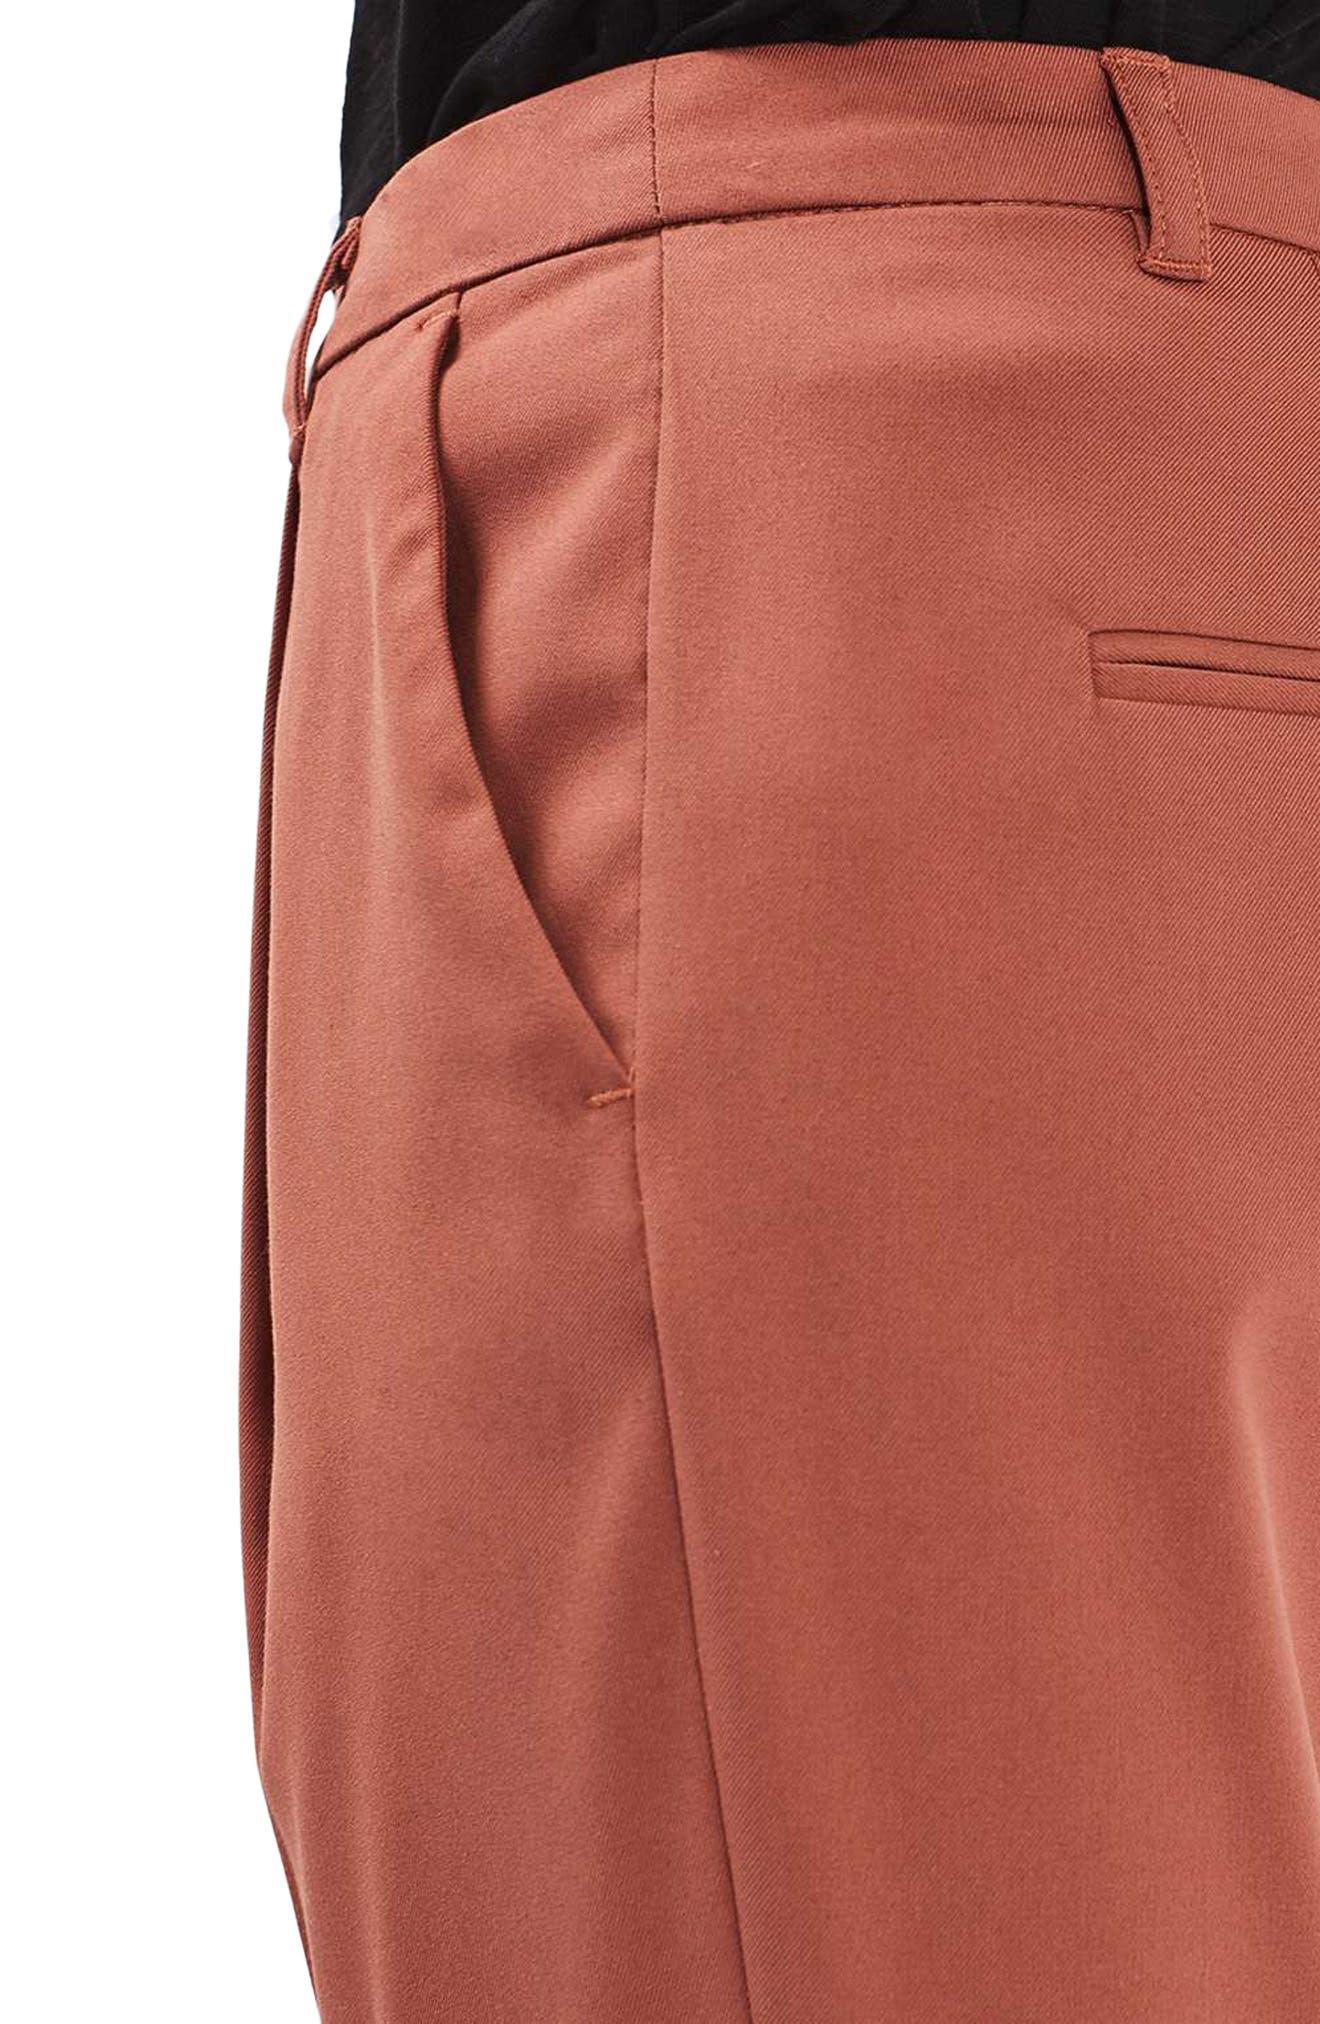 Peg Leg Trousers,                             Alternate thumbnail 4, color,                             220